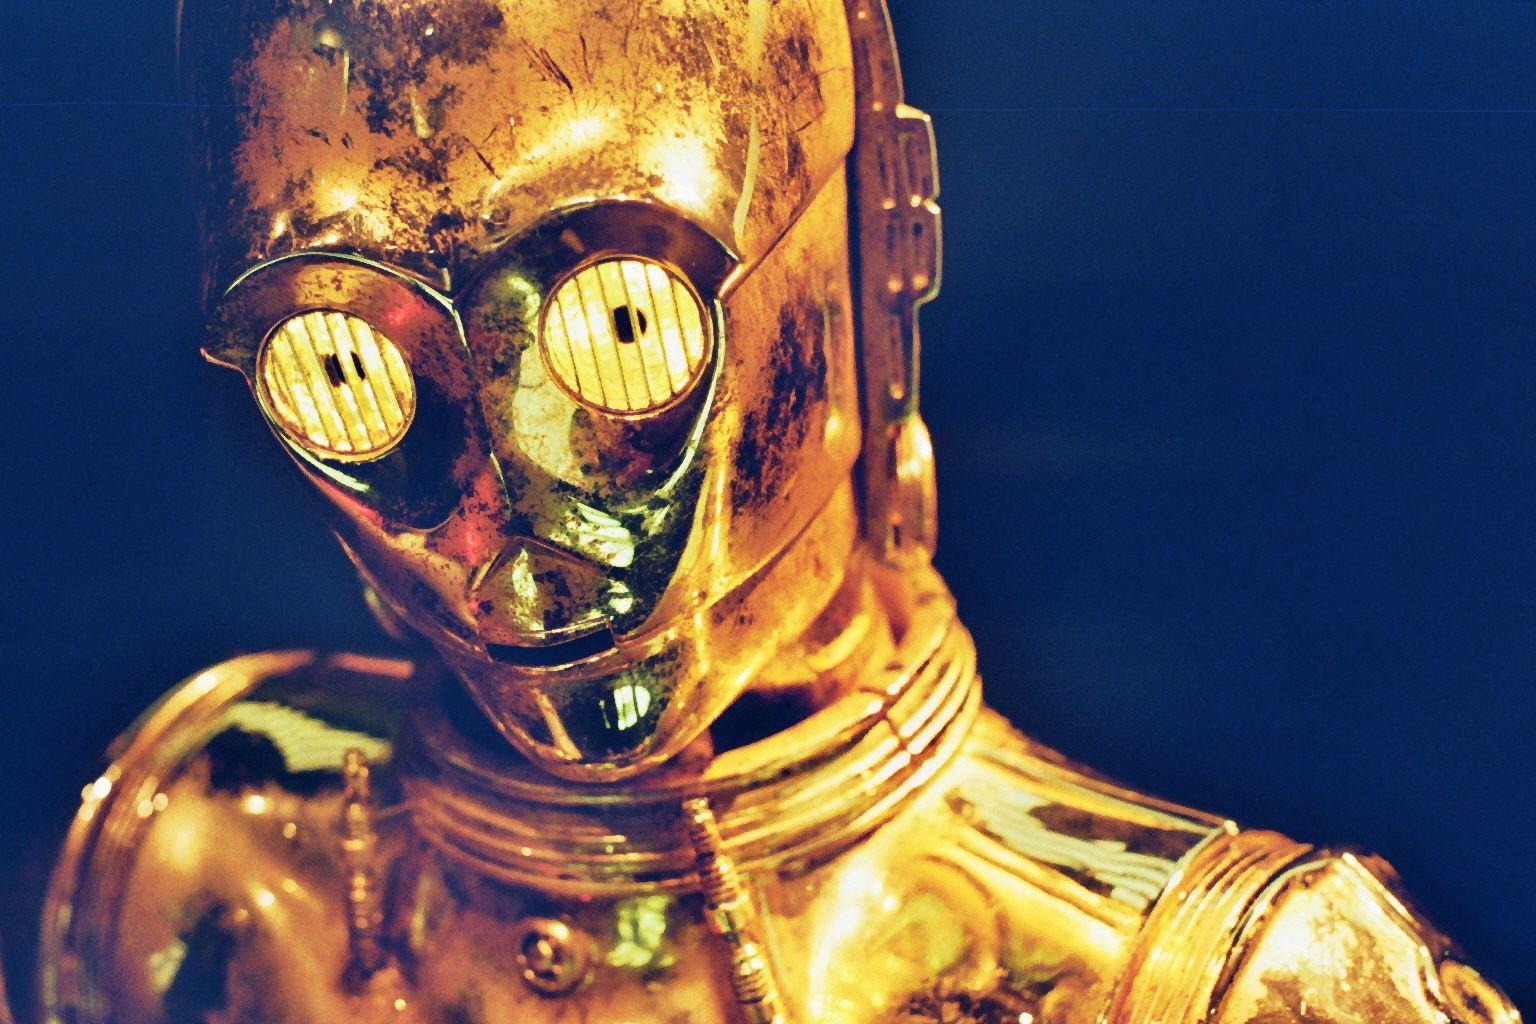 ITAP of a robot http://ift.tt/2kNH5XJ